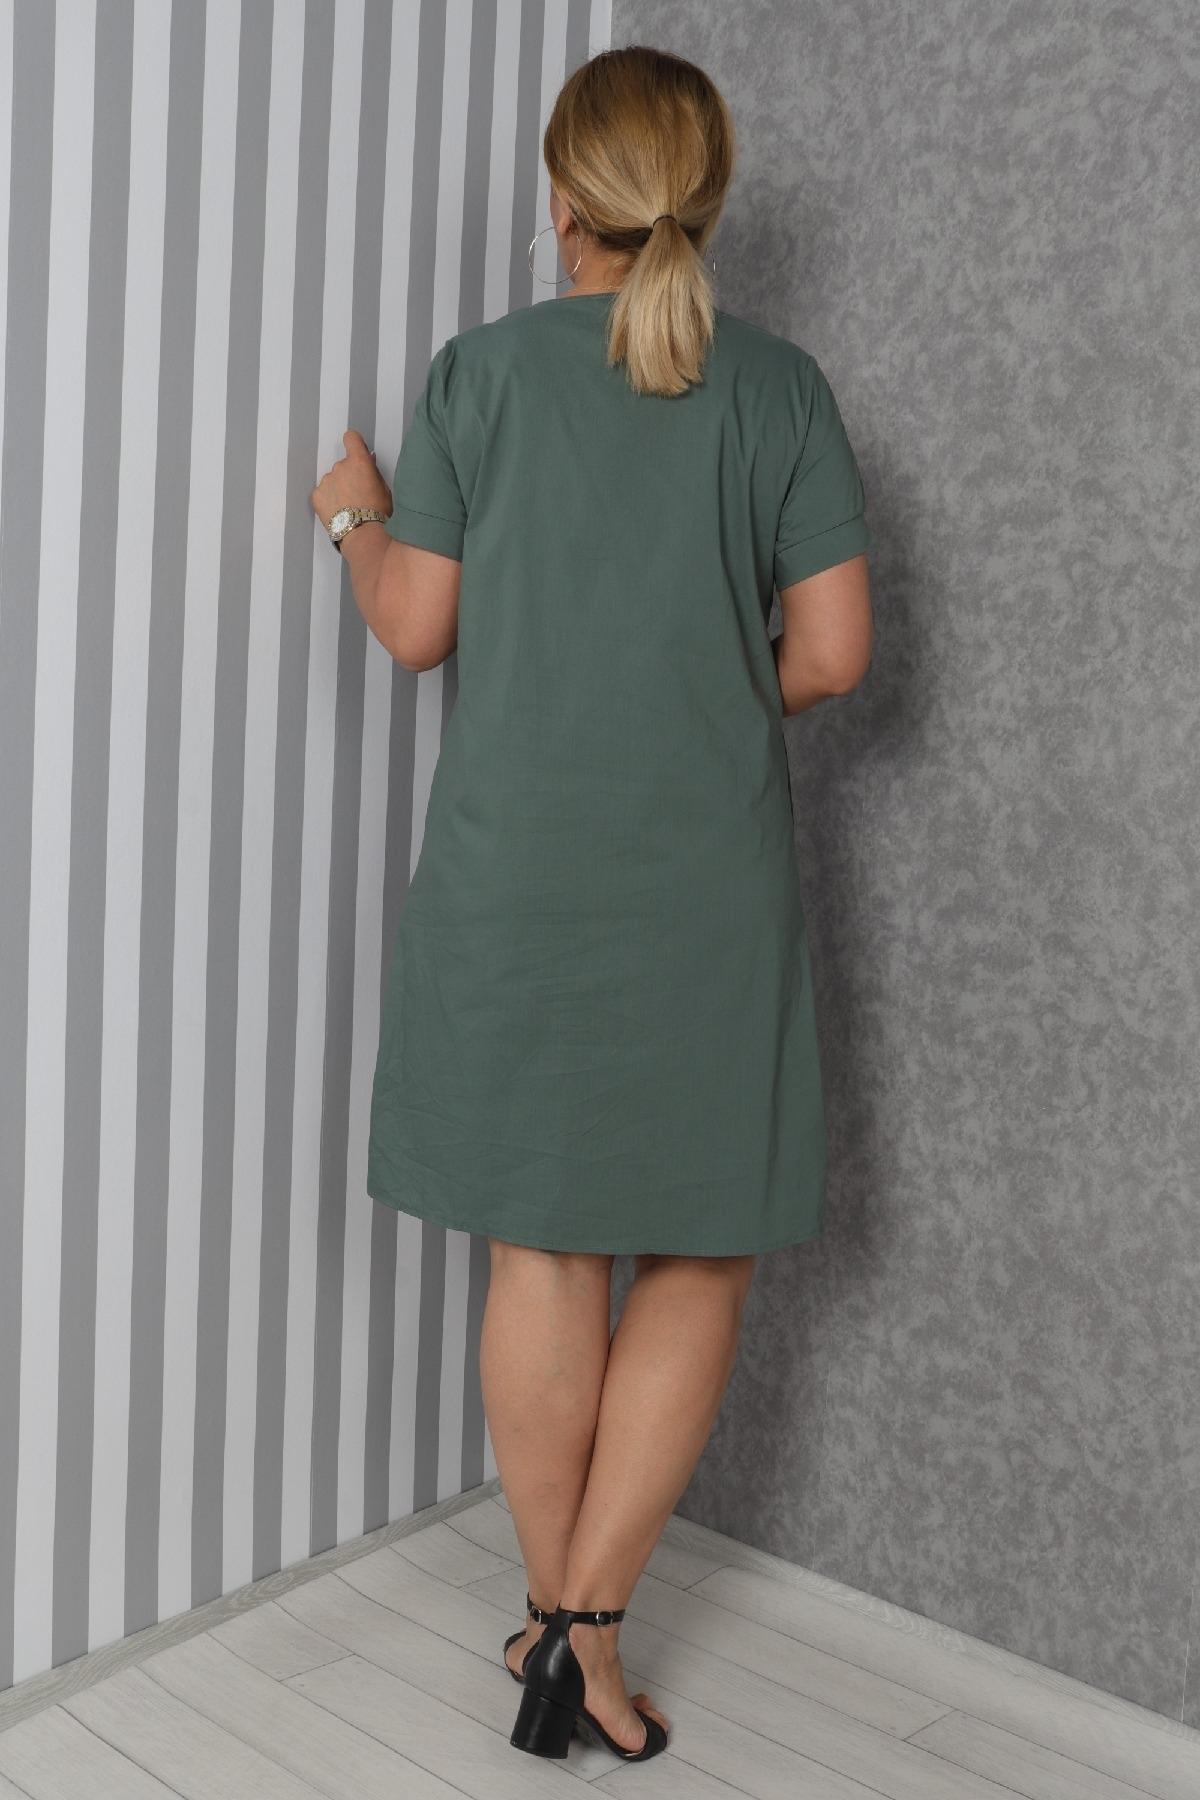 wholesale plus size womens clothing turkey